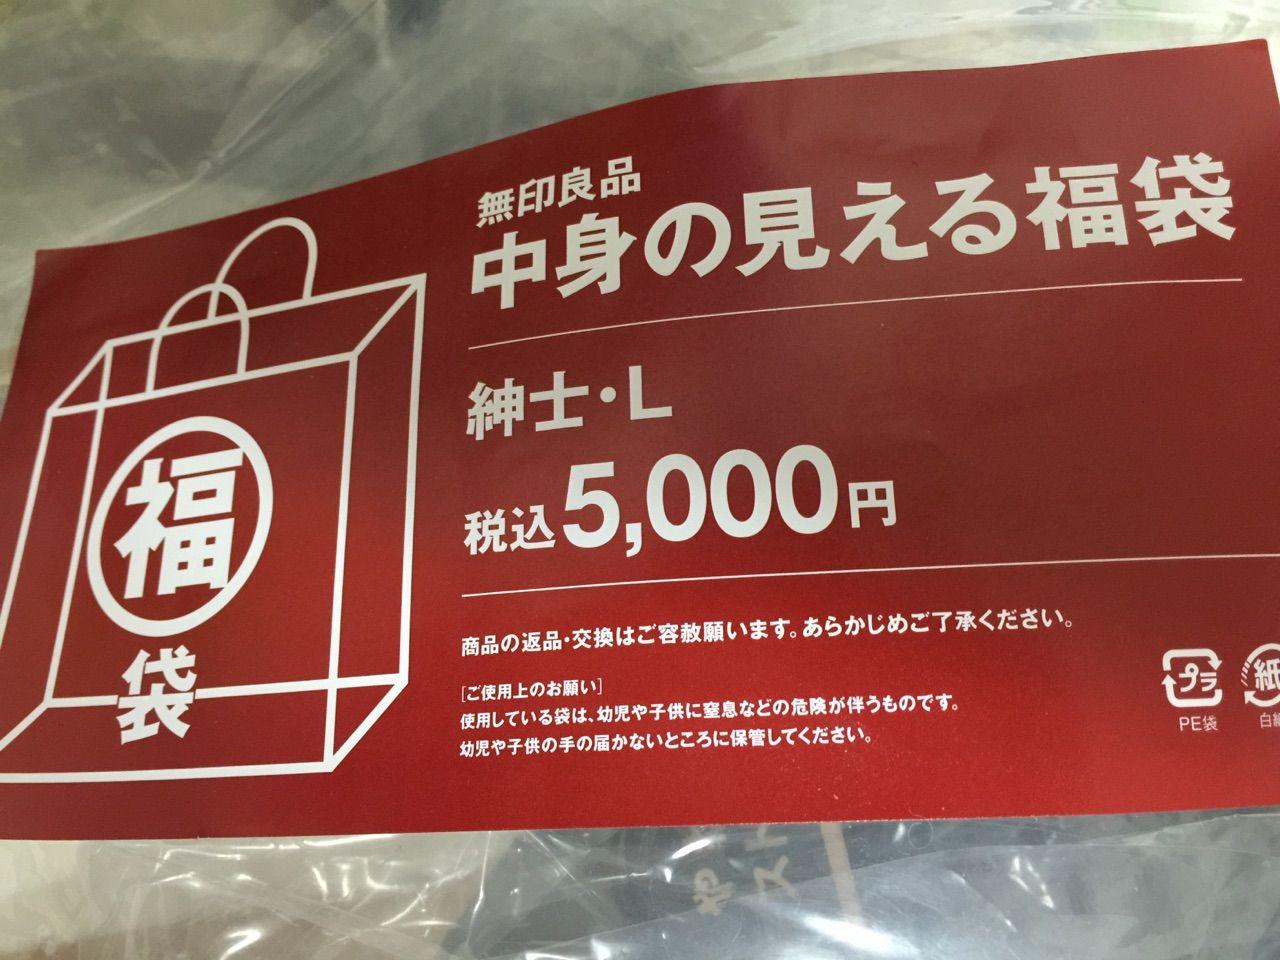 2015年 無印良品「紳士(メンズ)5000円福袋」ネタバレ